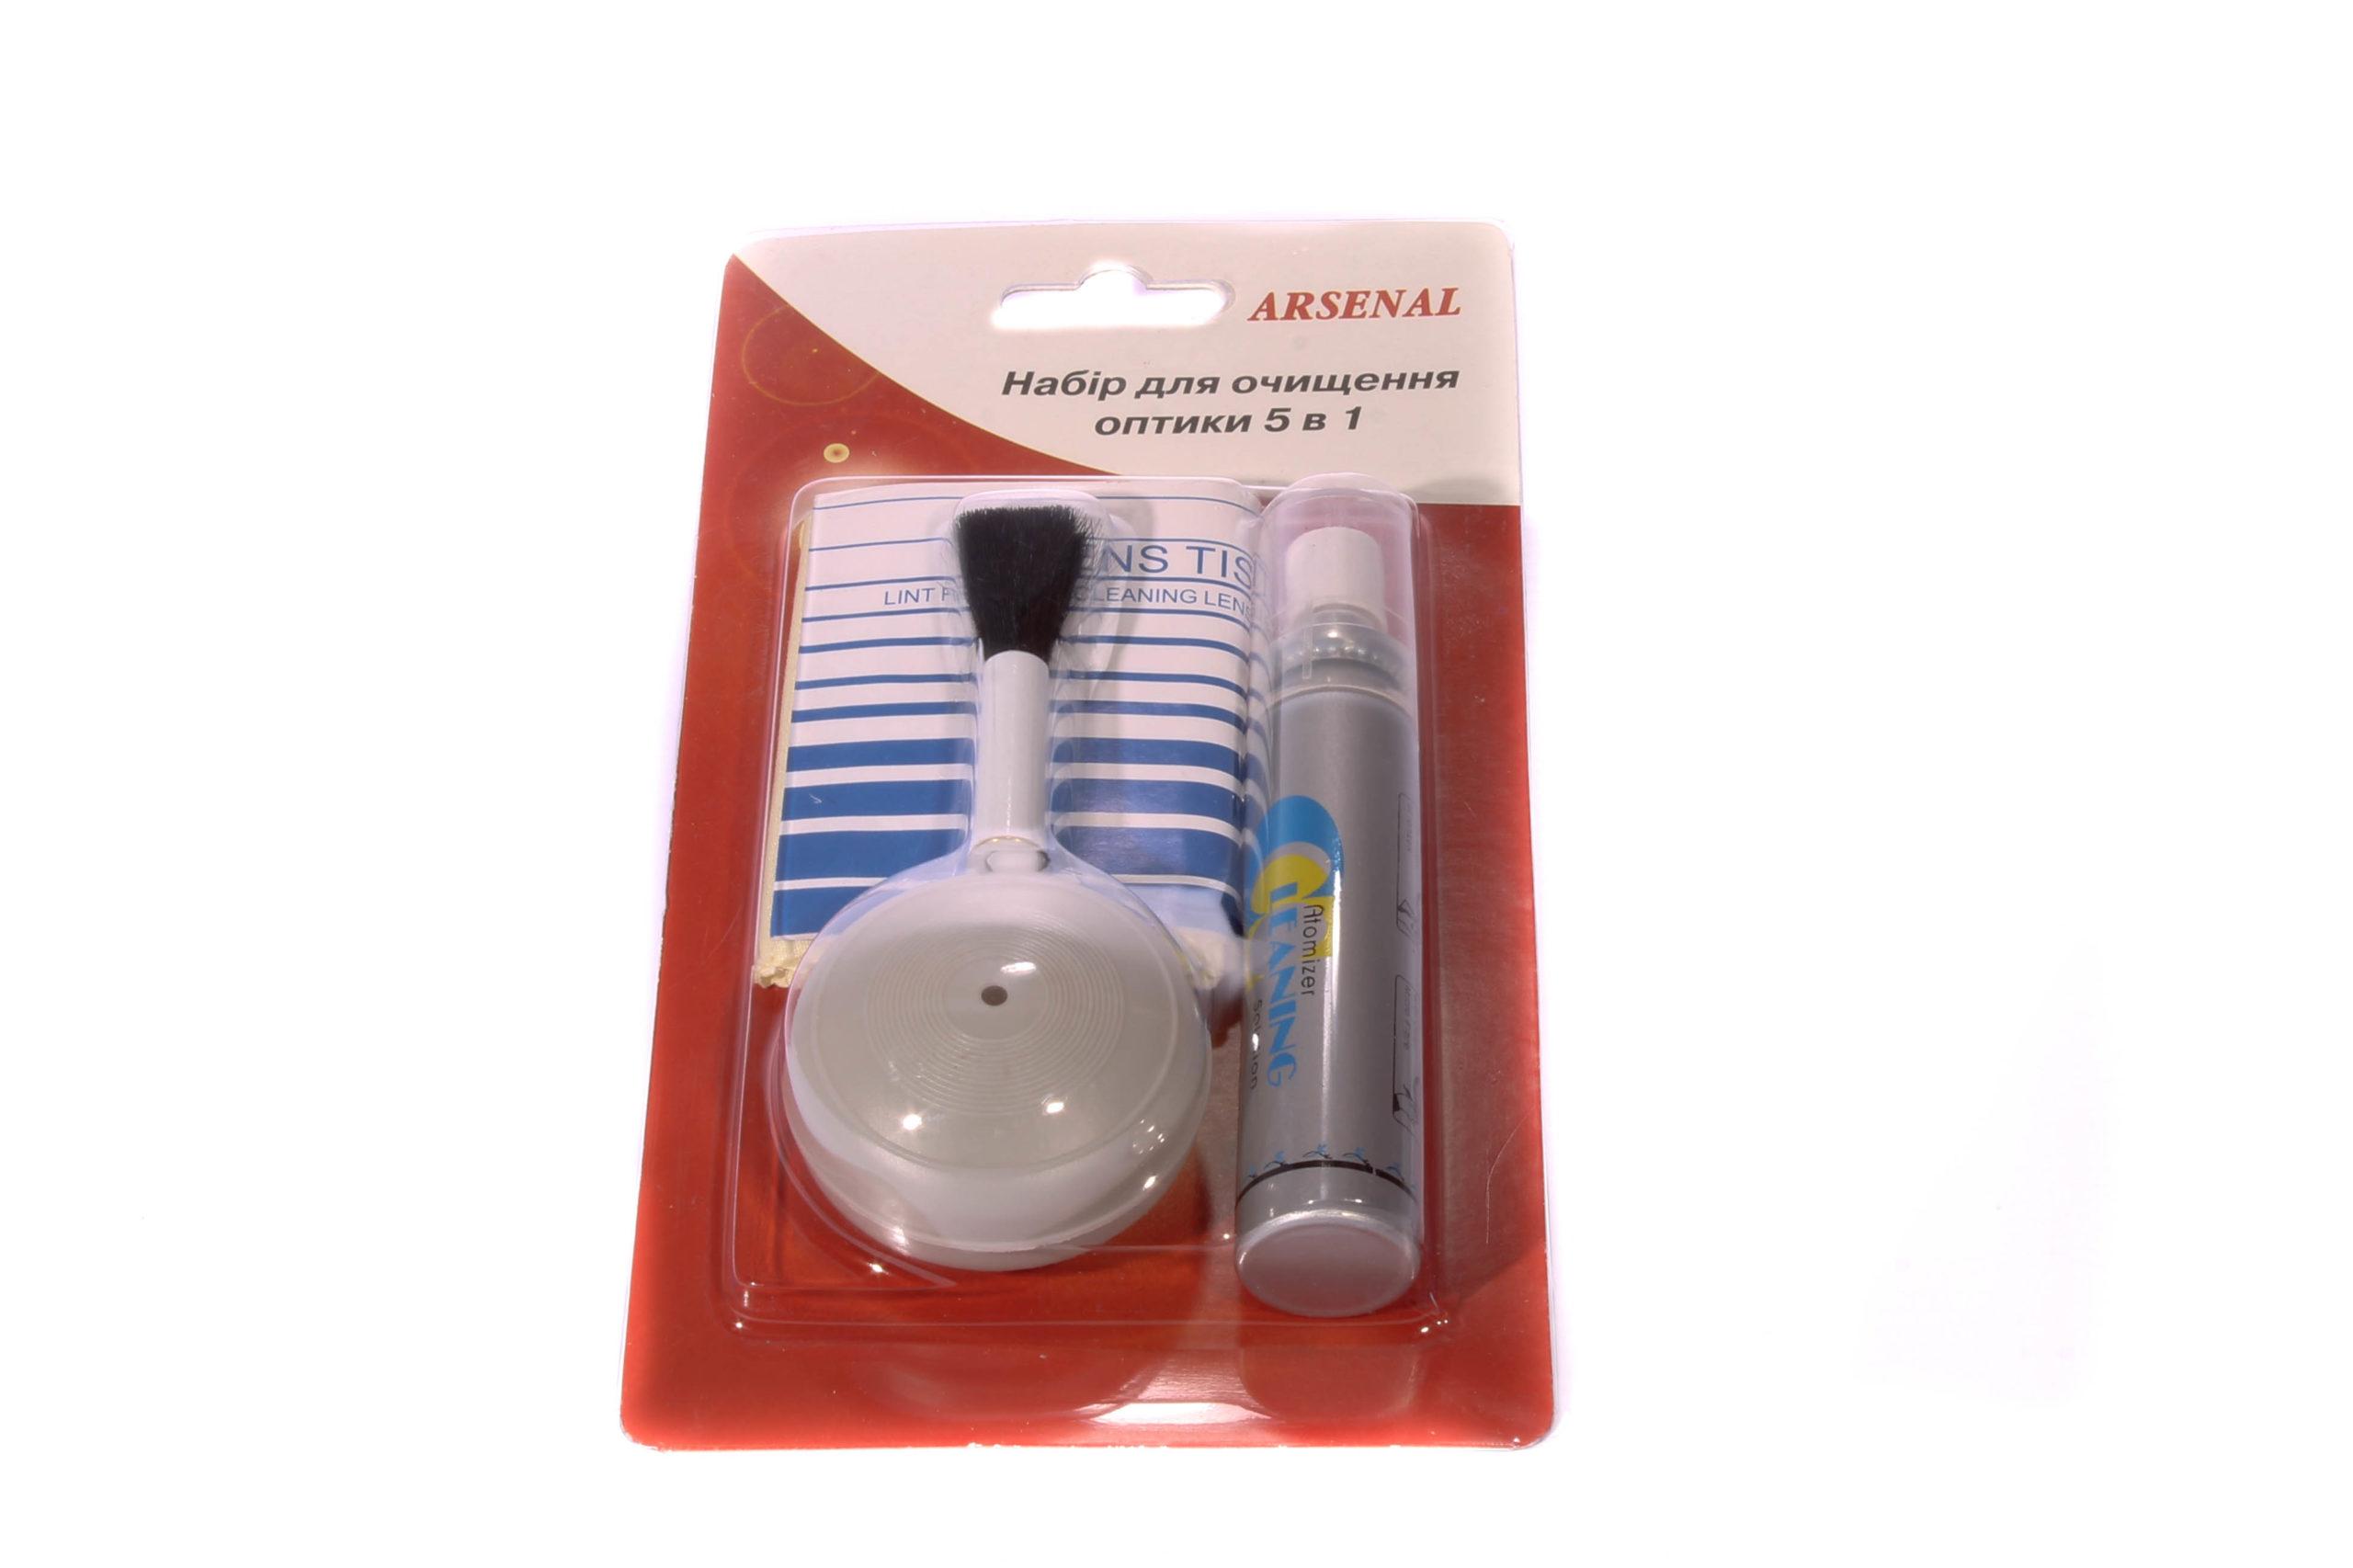 ARSENAL Набор для чистки оптики 2009 5в1